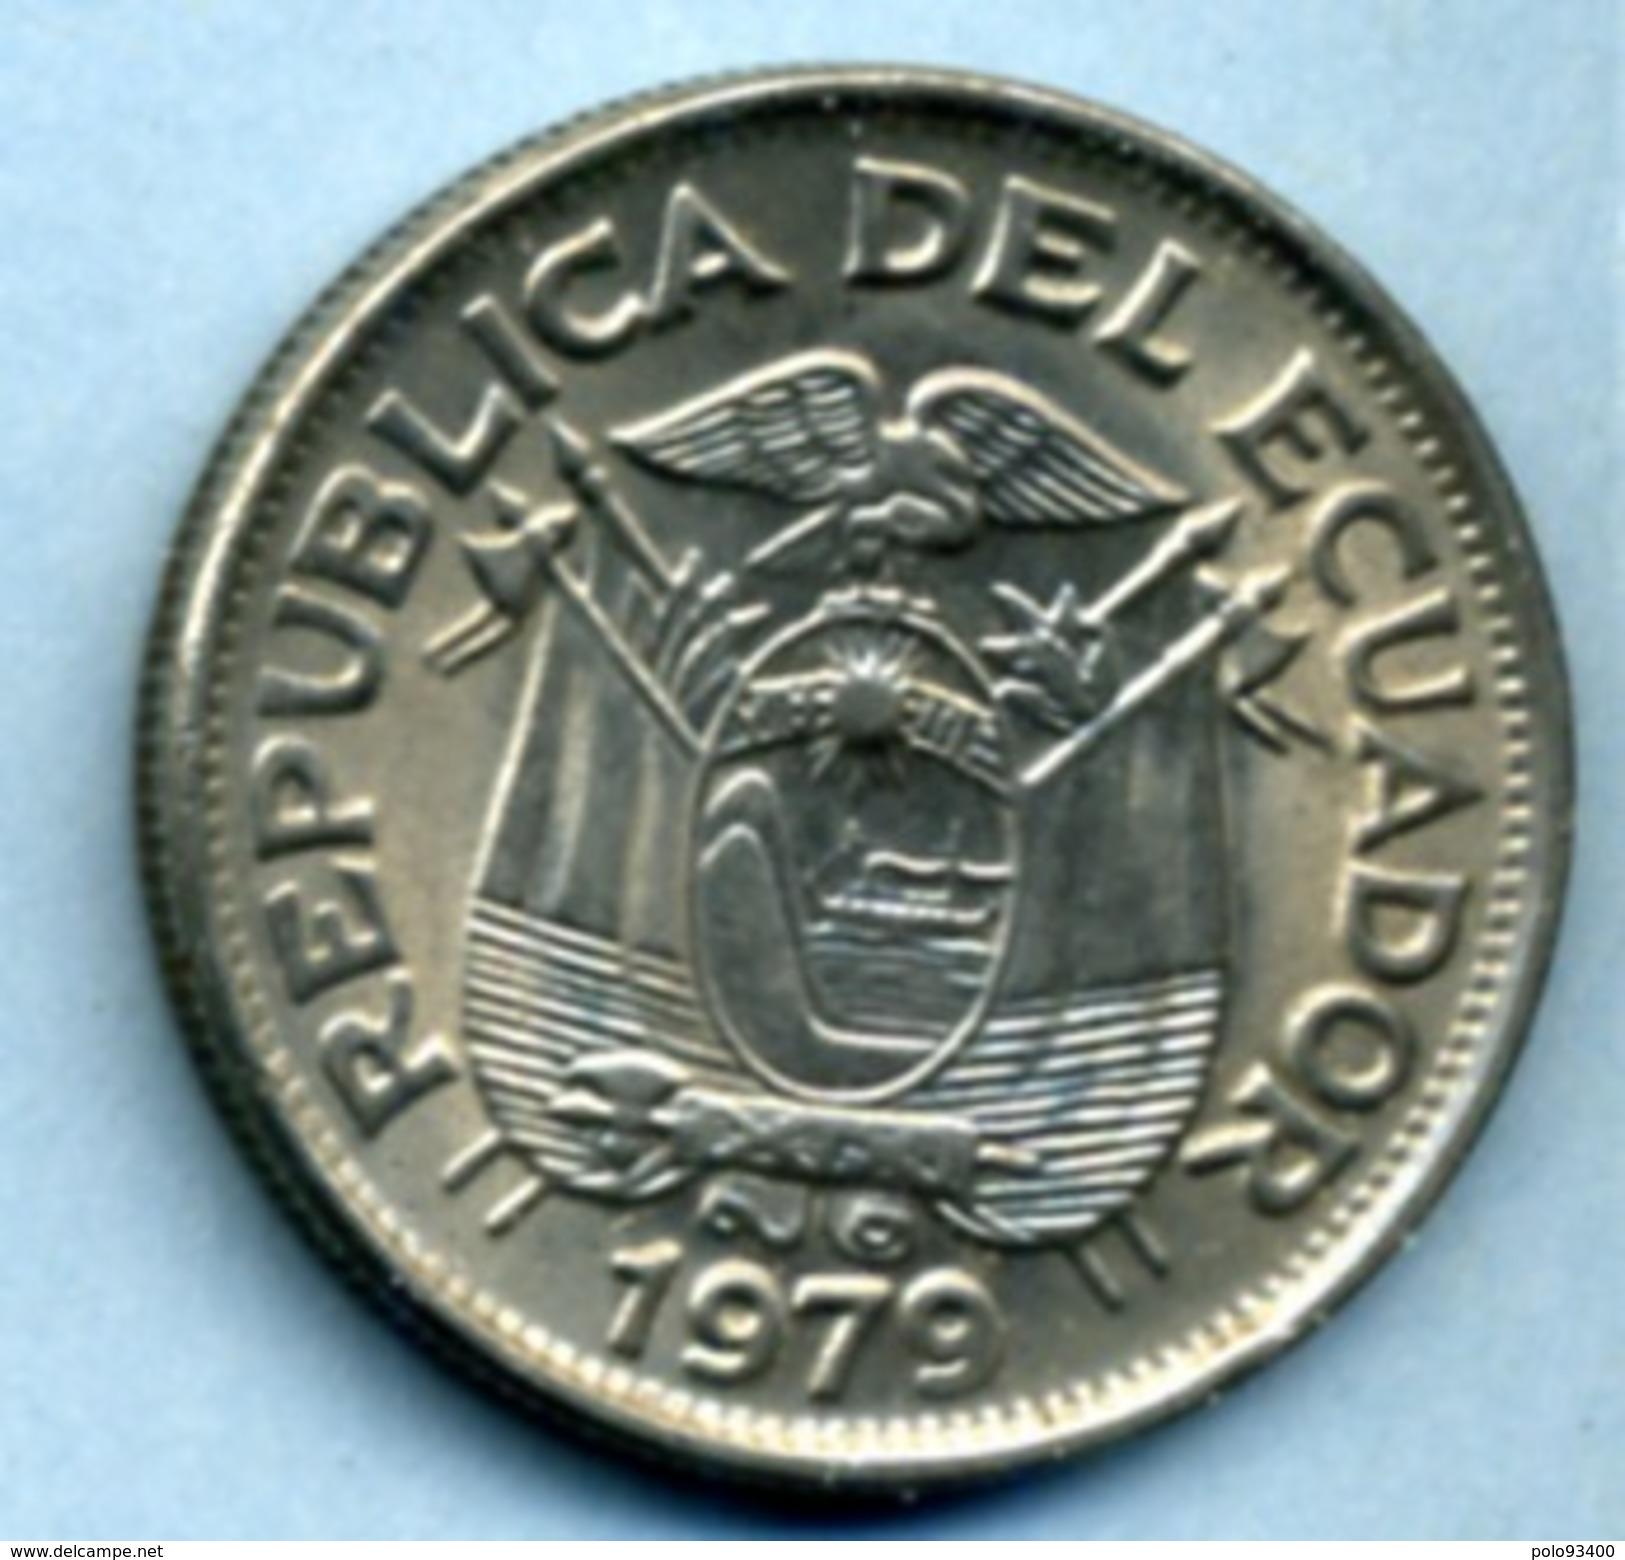 1979 1 SUCRE - Ecuador